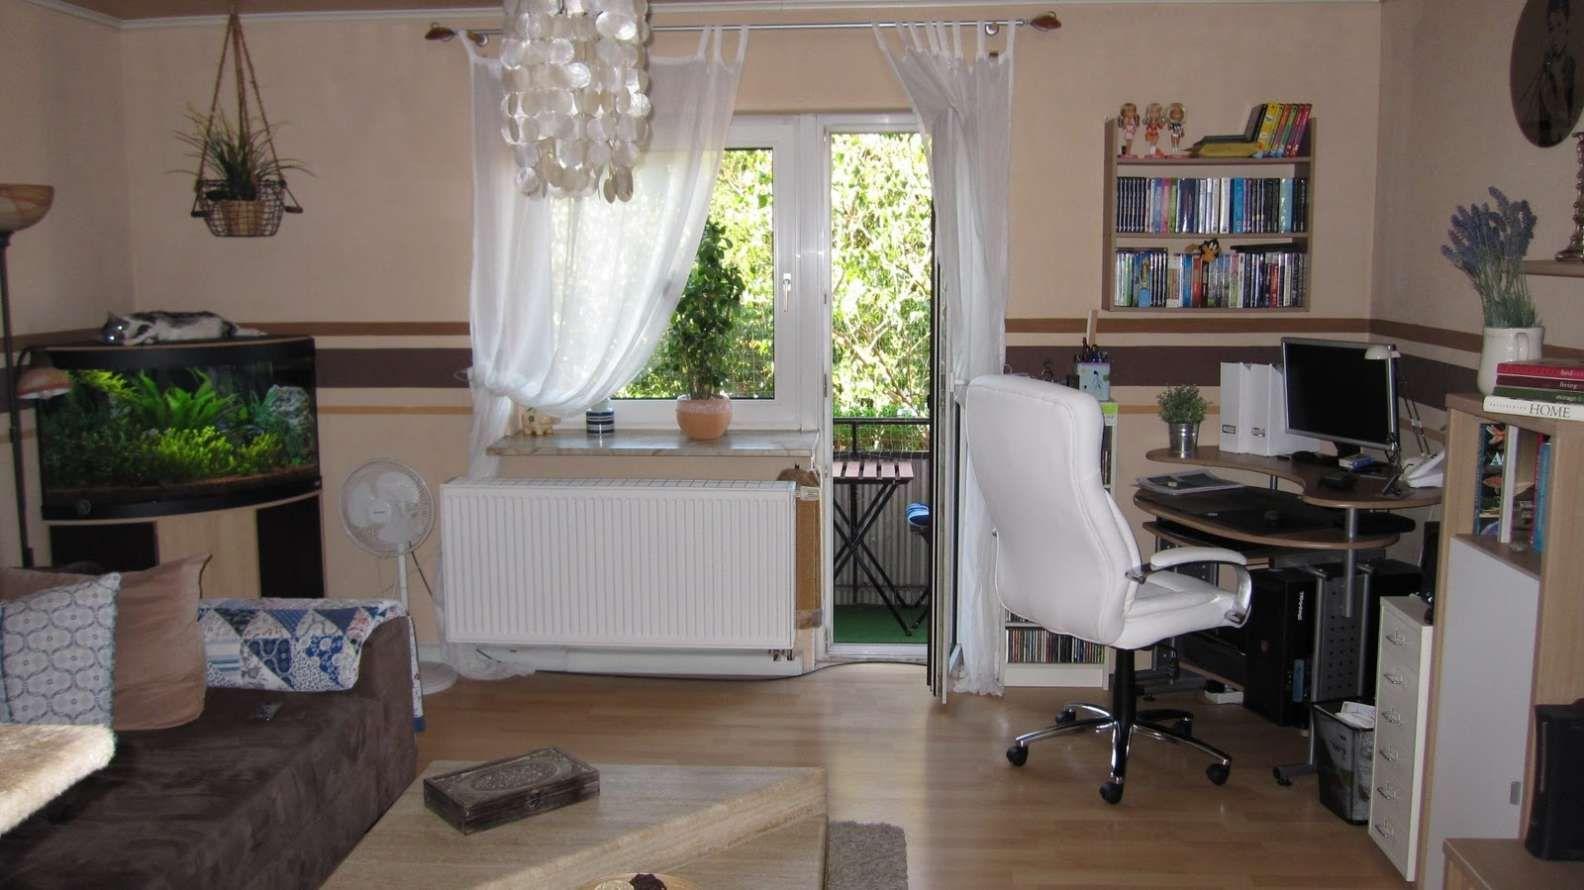 Das Schlafzimmer Gestalten Und Mehr Stauraum Schaffen Schlafzimmergestaltung Schlafzimmer Gestalten Schlafzimmer Einrichten